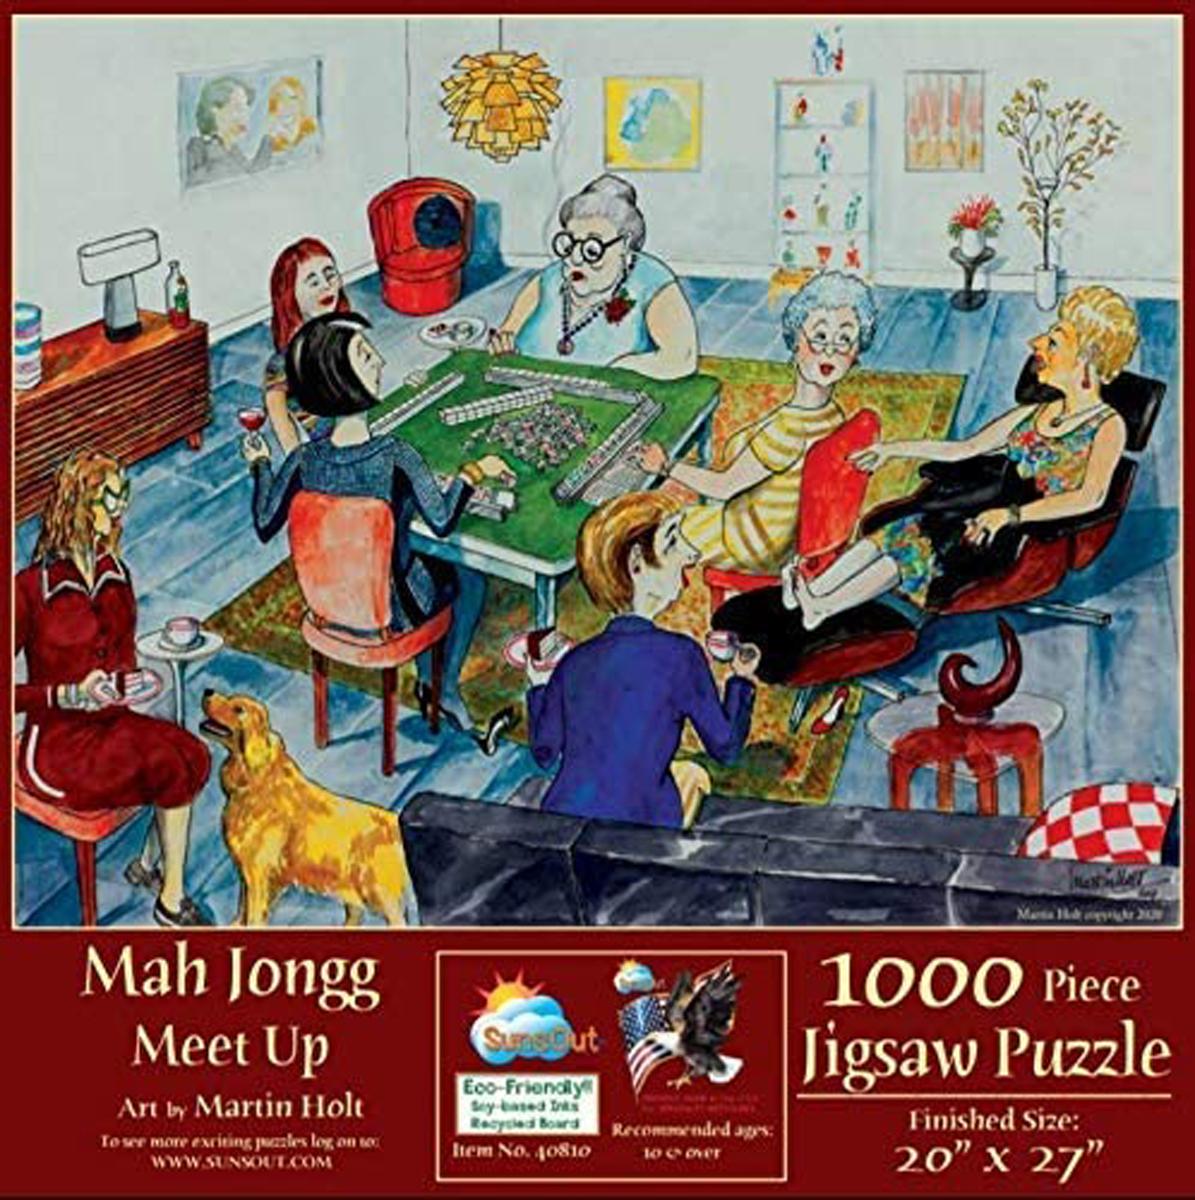 Mah Jongg Meet Up Domestic Scene Jigsaw Puzzle